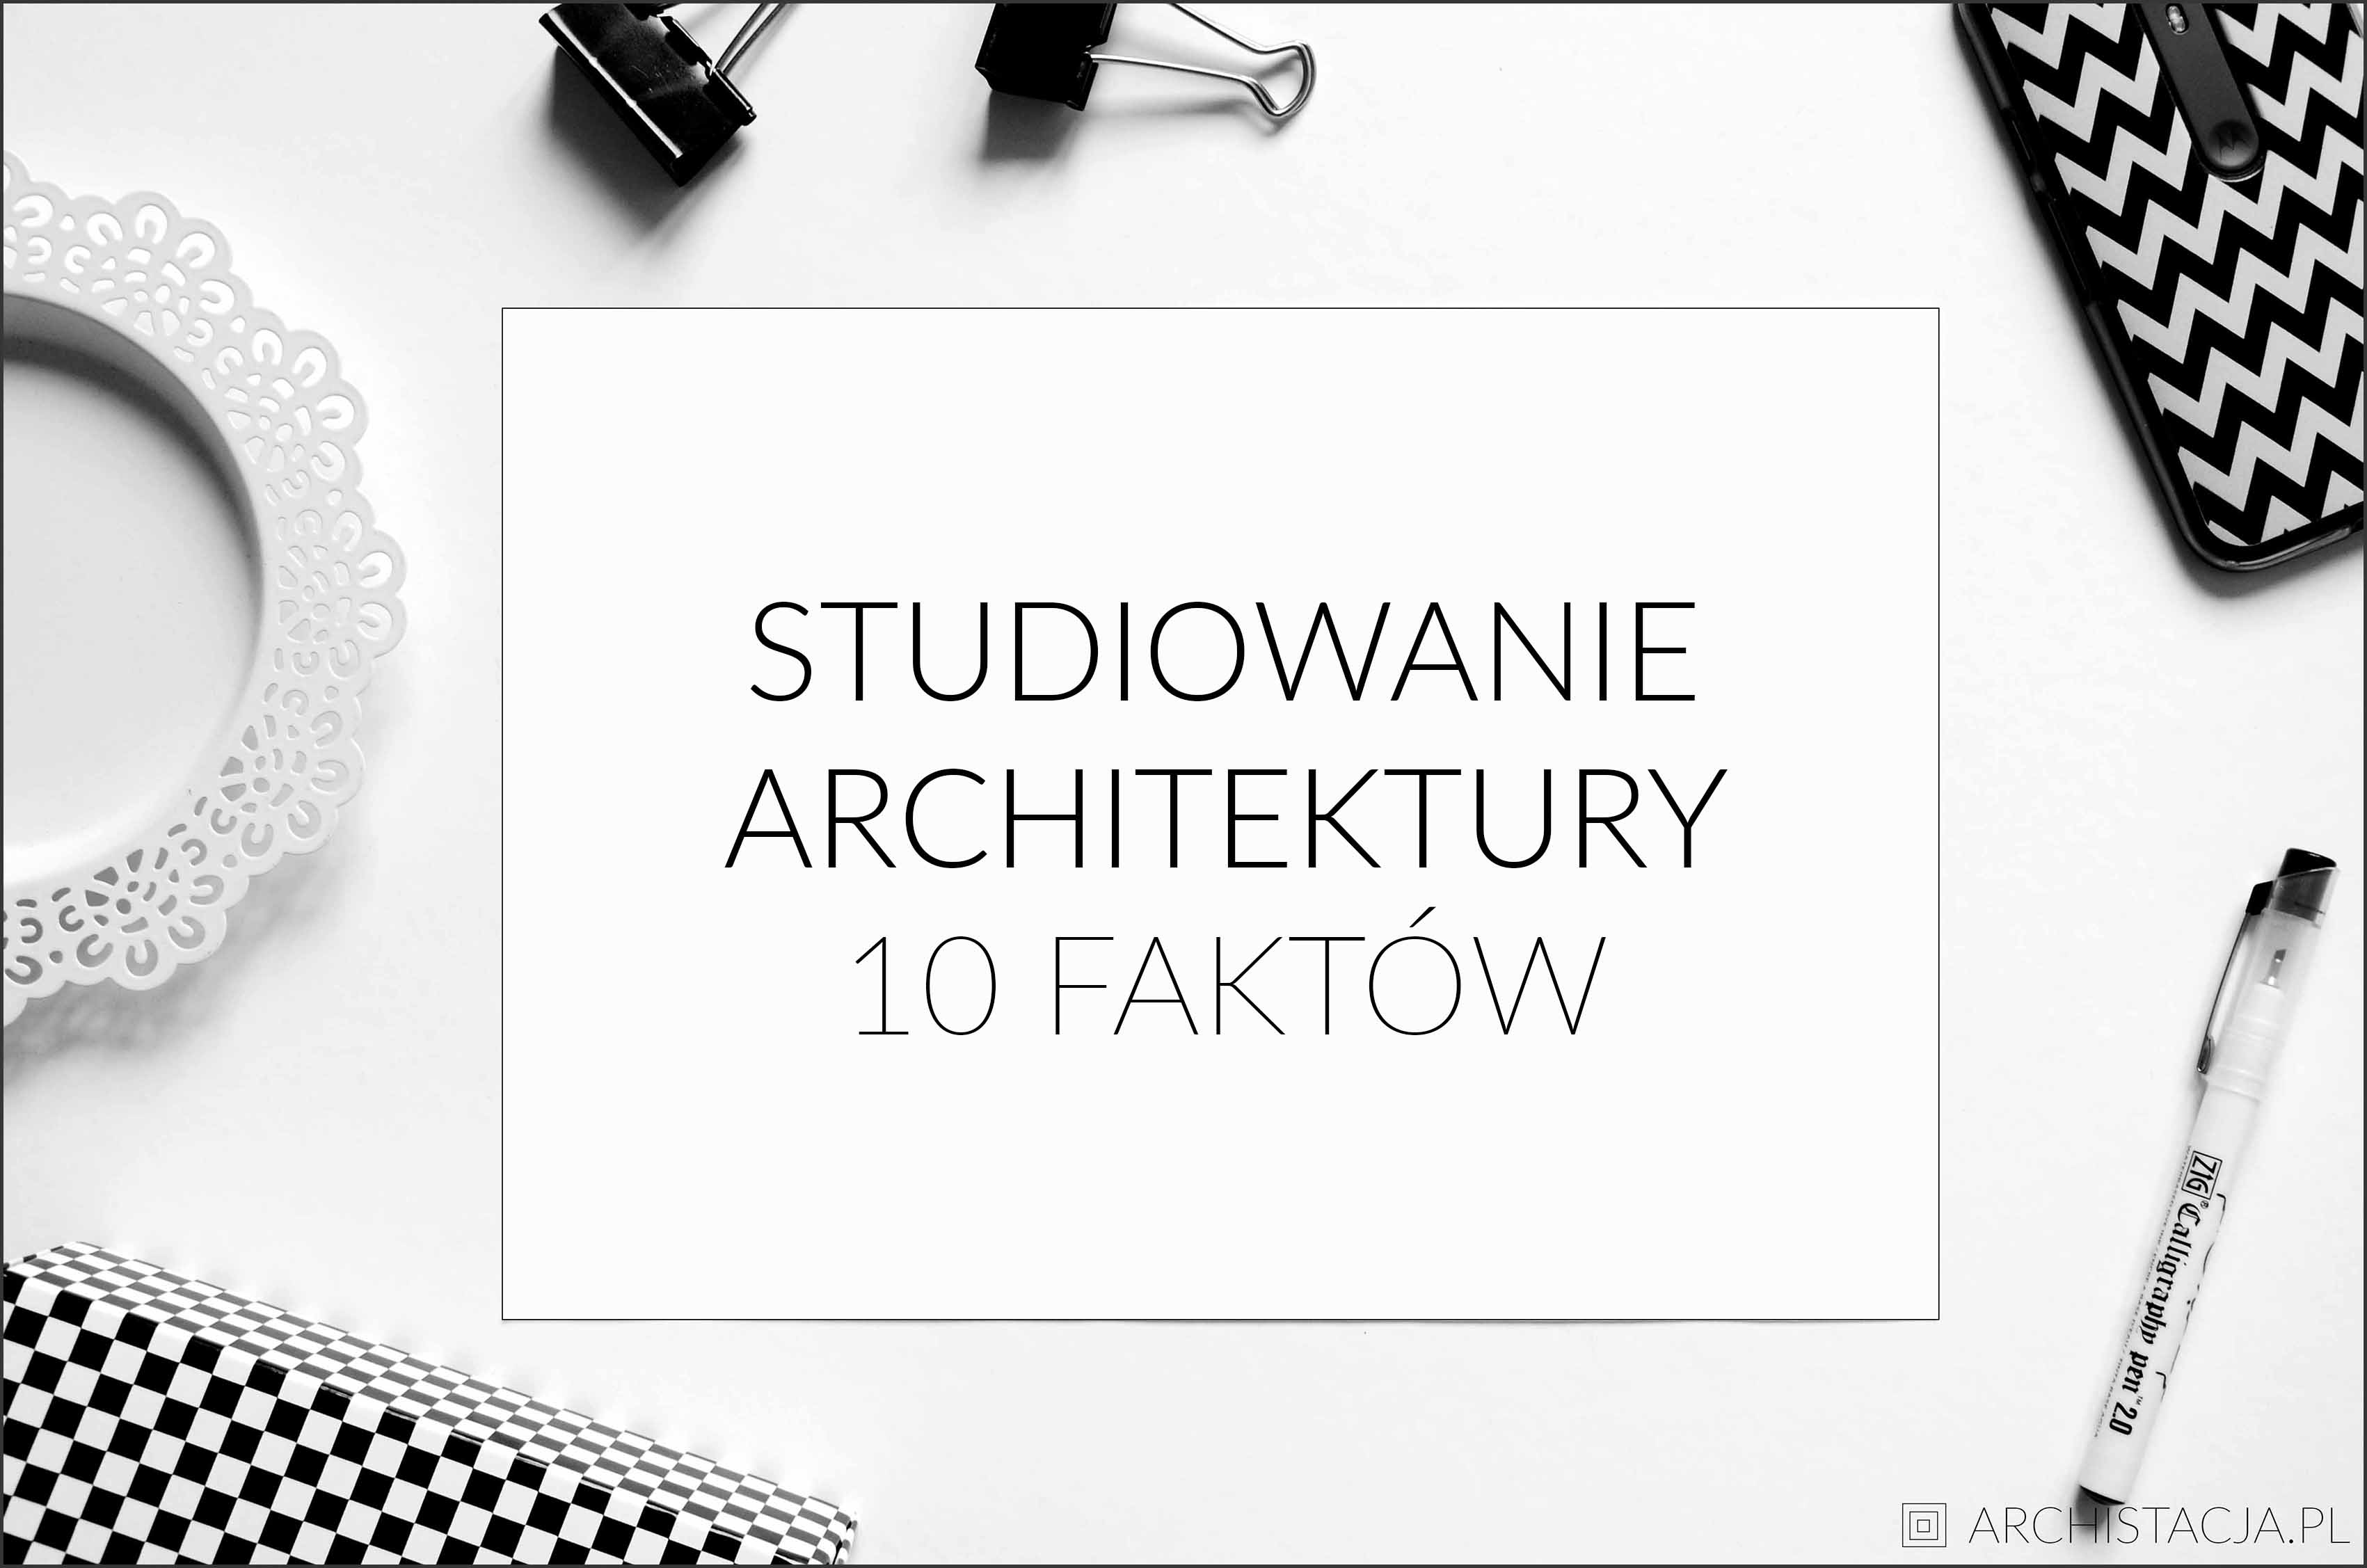 studiowanie architektury